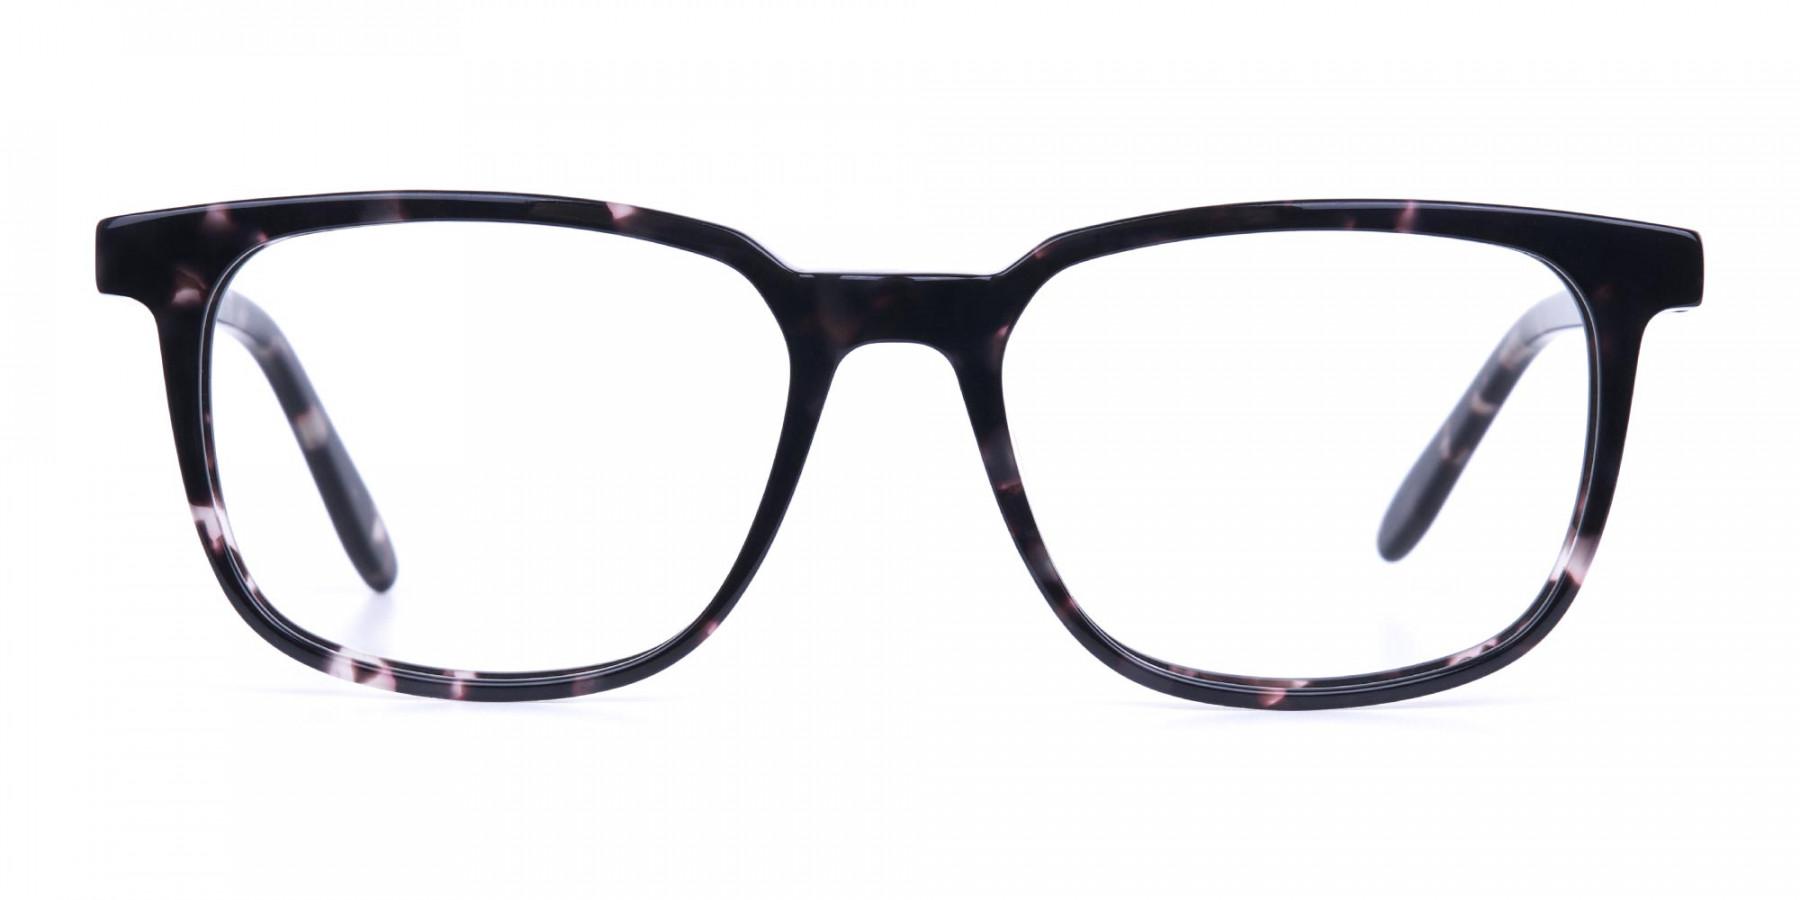 Dark Tortoise Rectangular Glasses Acetate Unisex-1